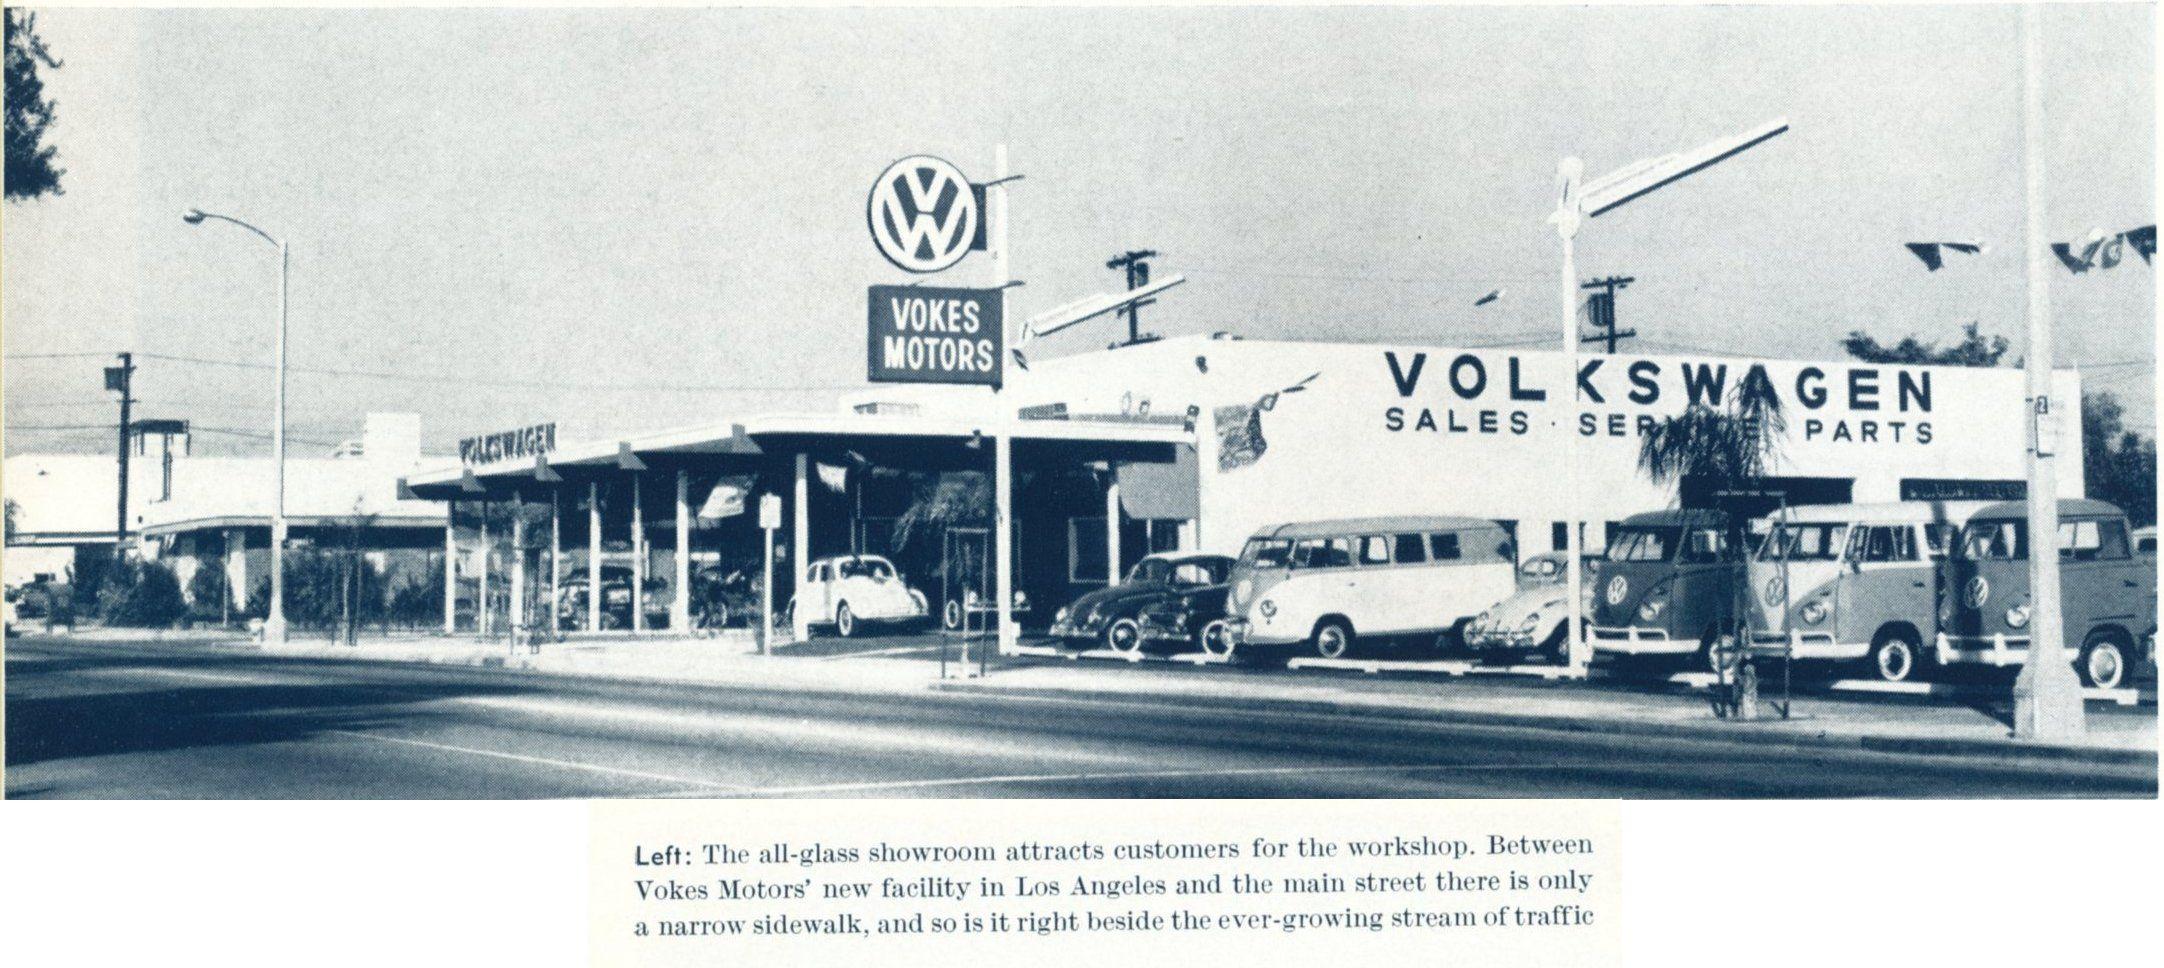 23 Vw Dealers Ideas Vw Dealership Vintage Vw Volkswagen